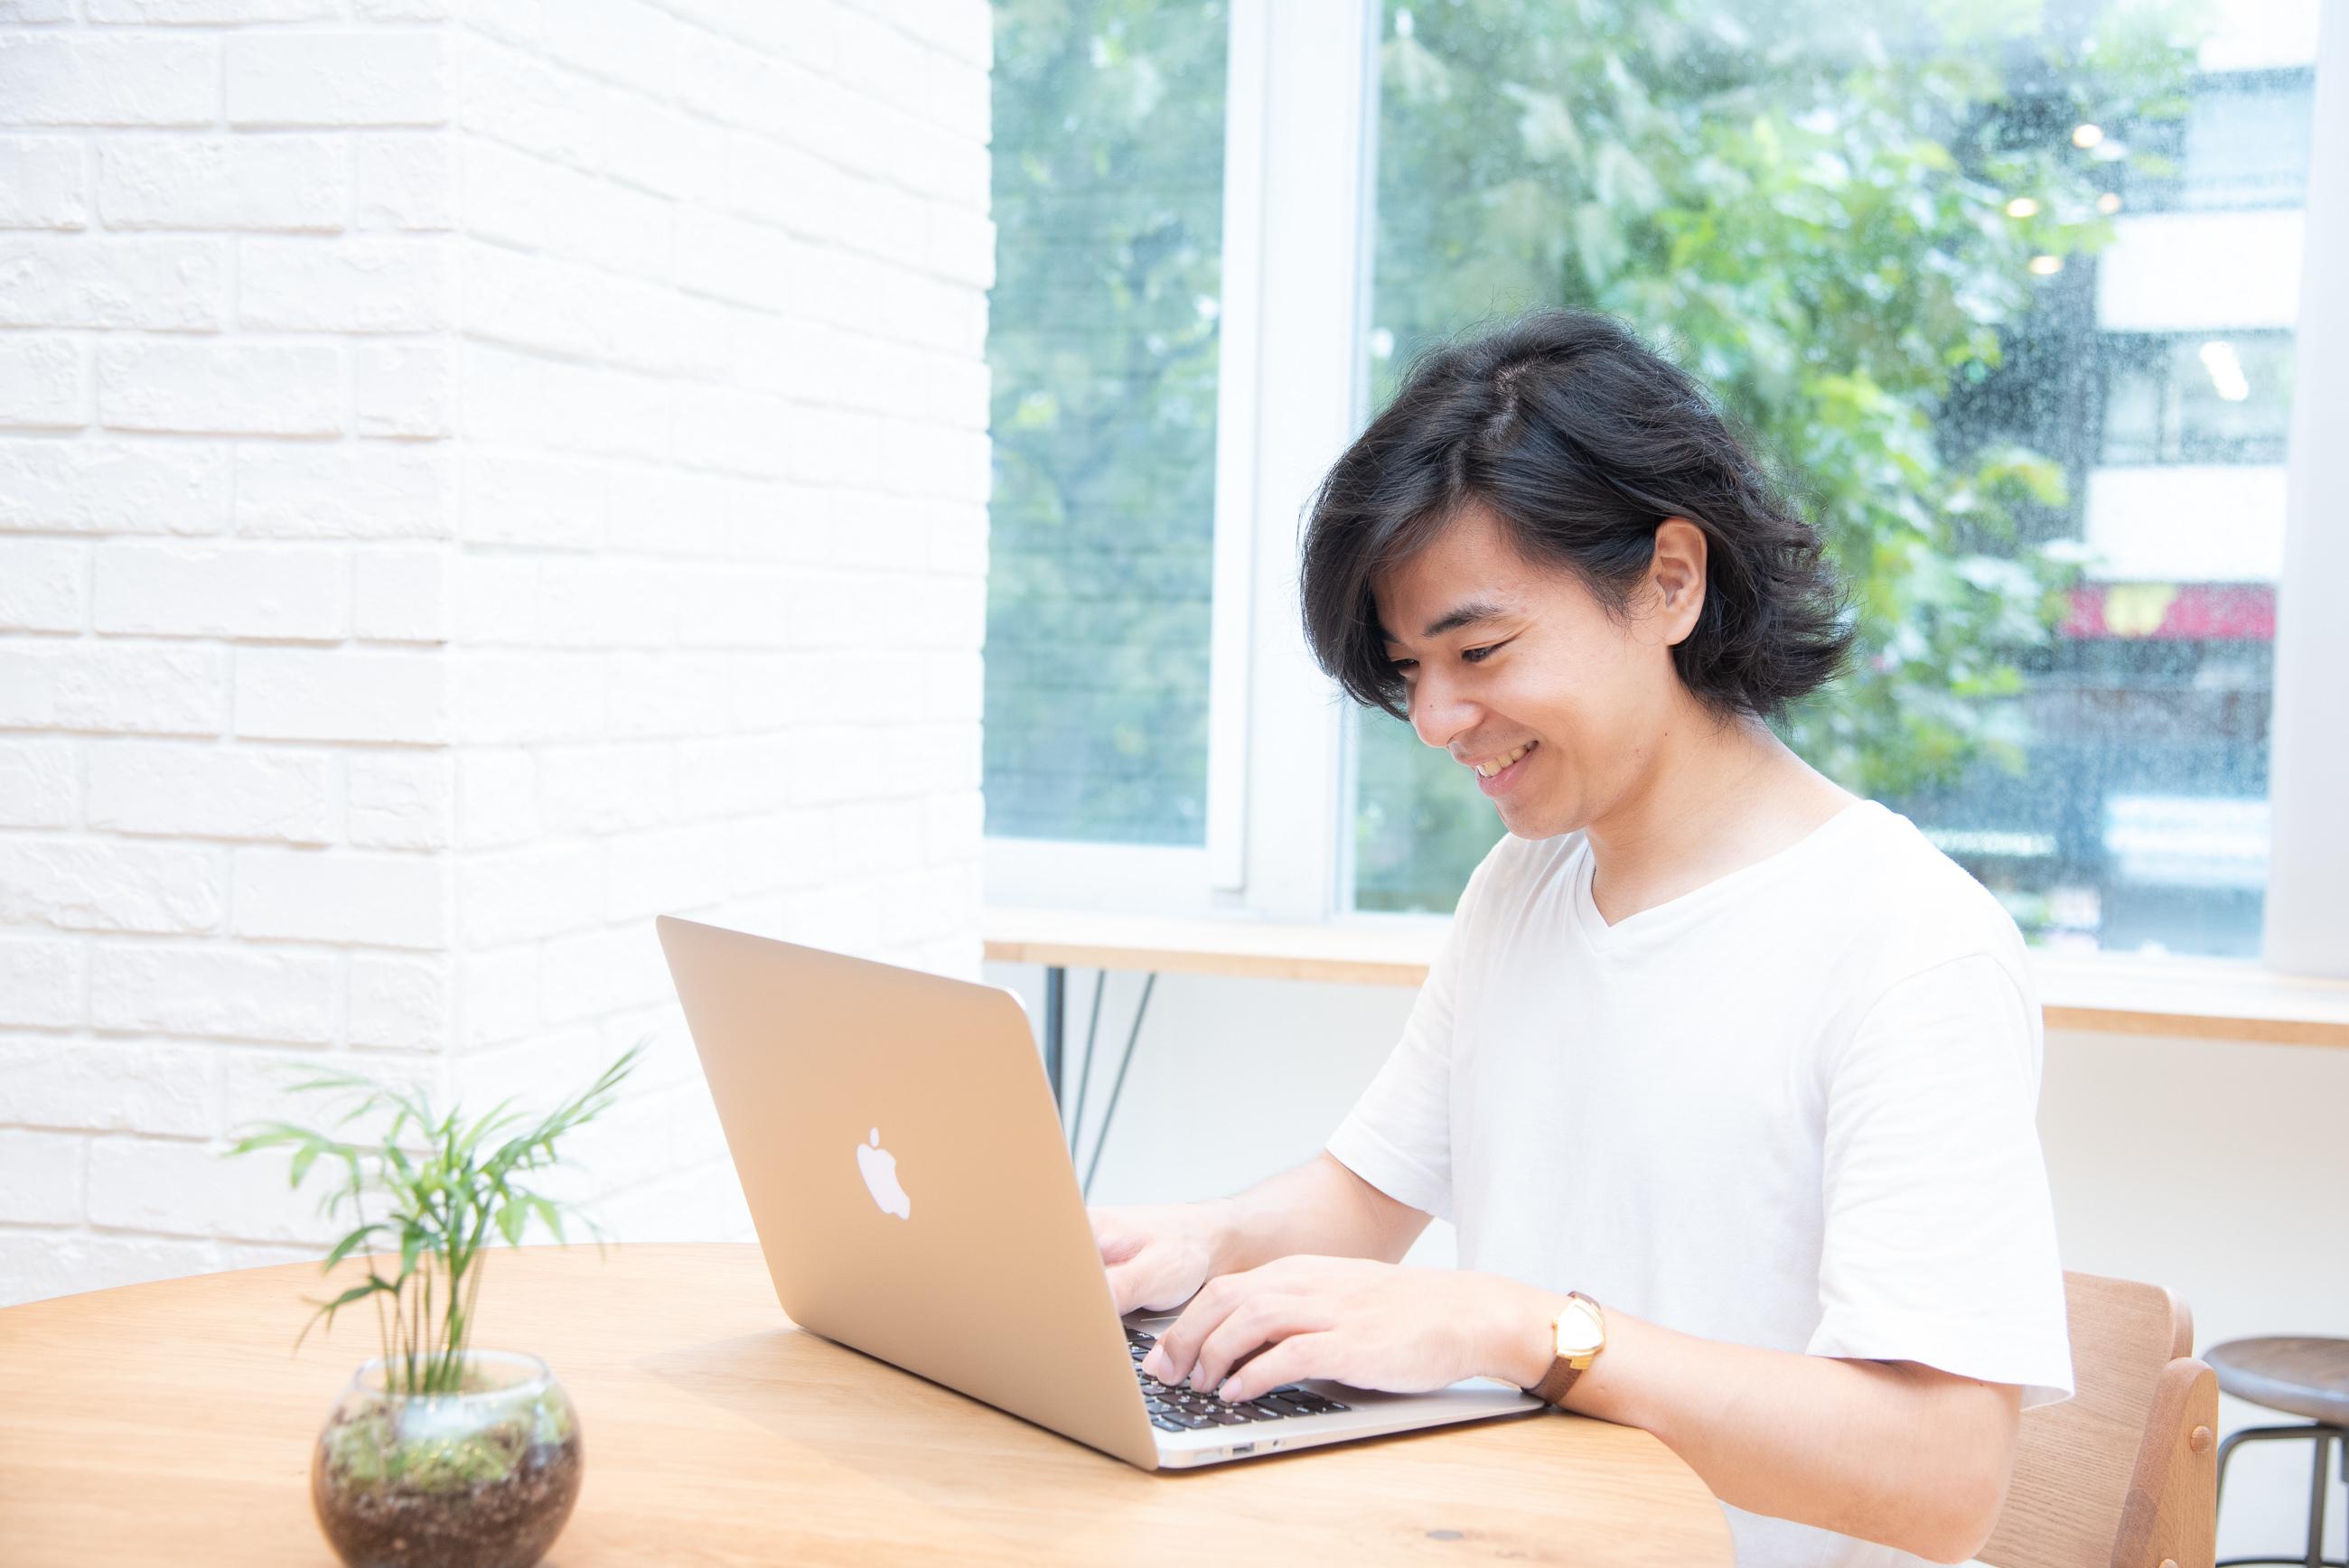 【リモートOK!】教えながら自分の基礎スキルUP!あなたのJavaの経験を生かしてプログラミング講師として活躍してみませんか?